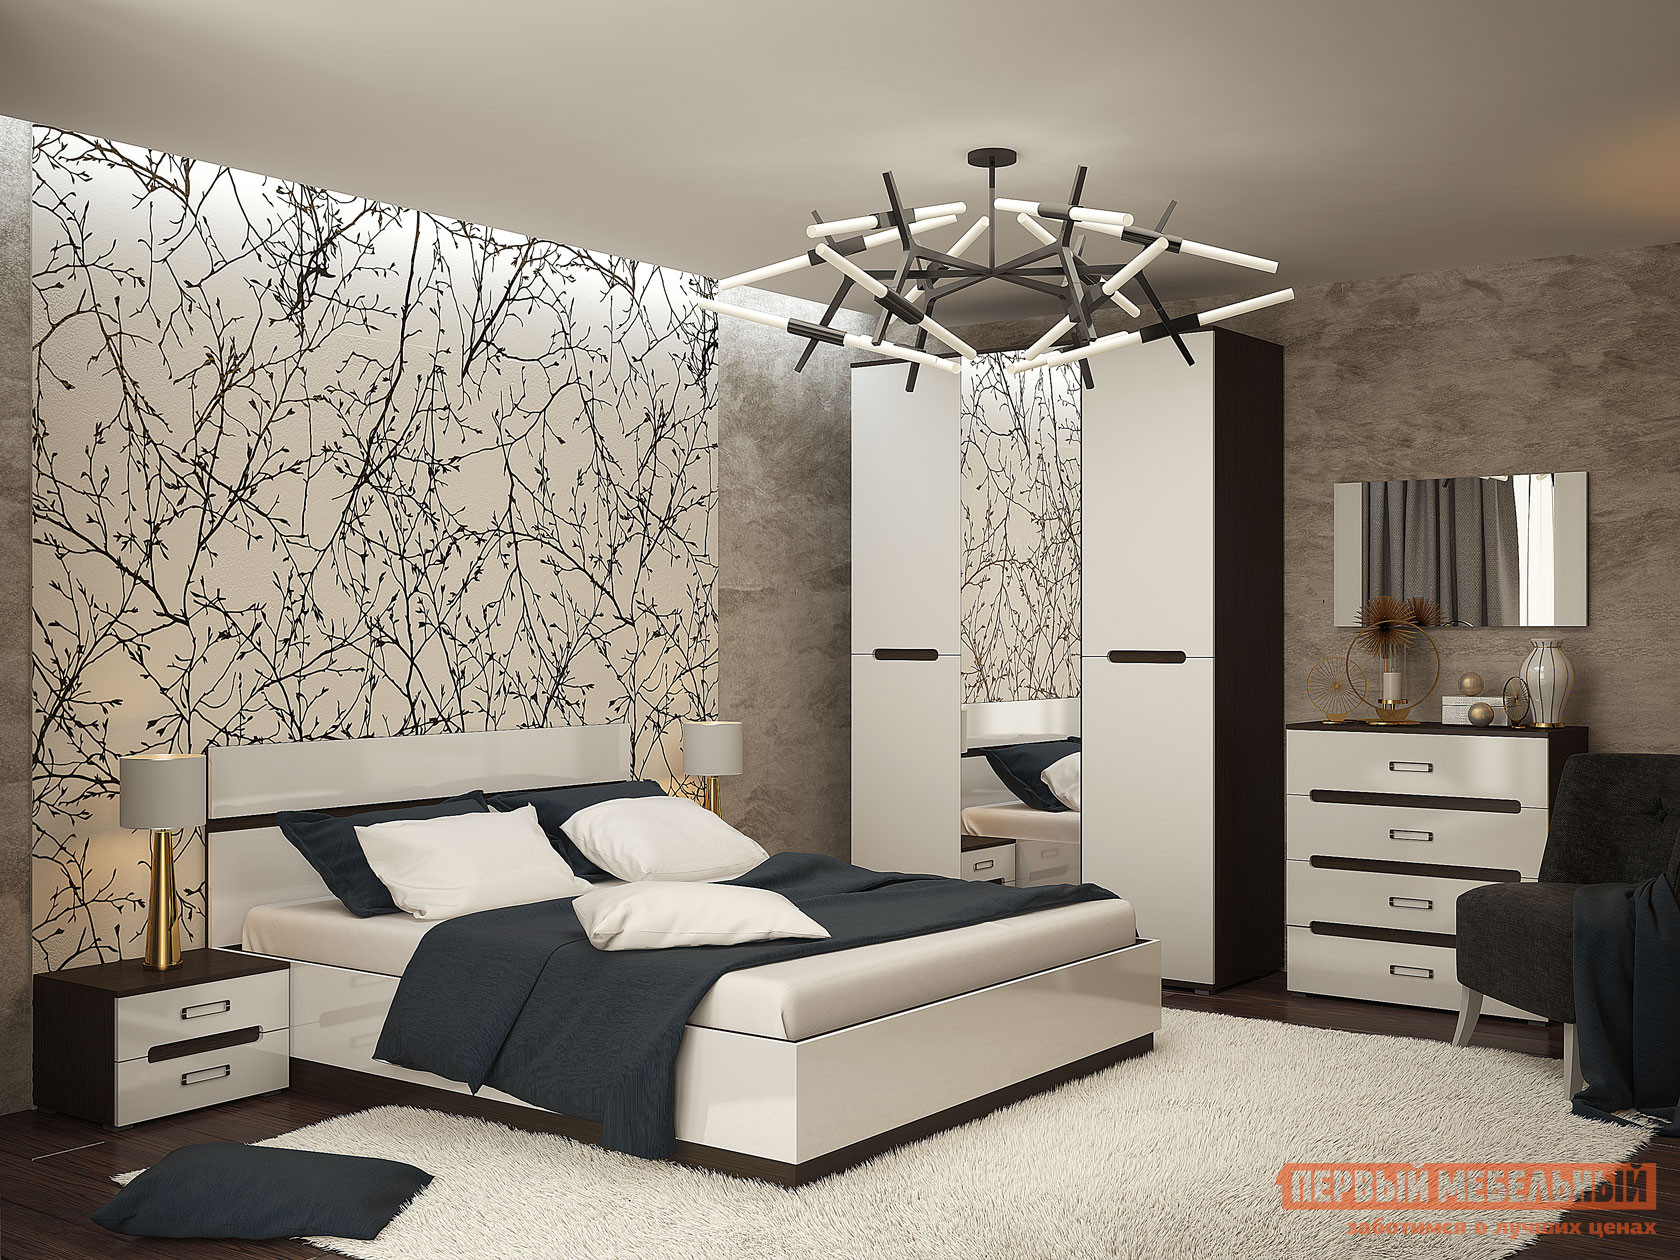 Спальный гарнитур Первый Мебельный Комплект мебели для спальни Вегас К спальный гарнитур нк мебель комплект мебели для спальни тиберия к2